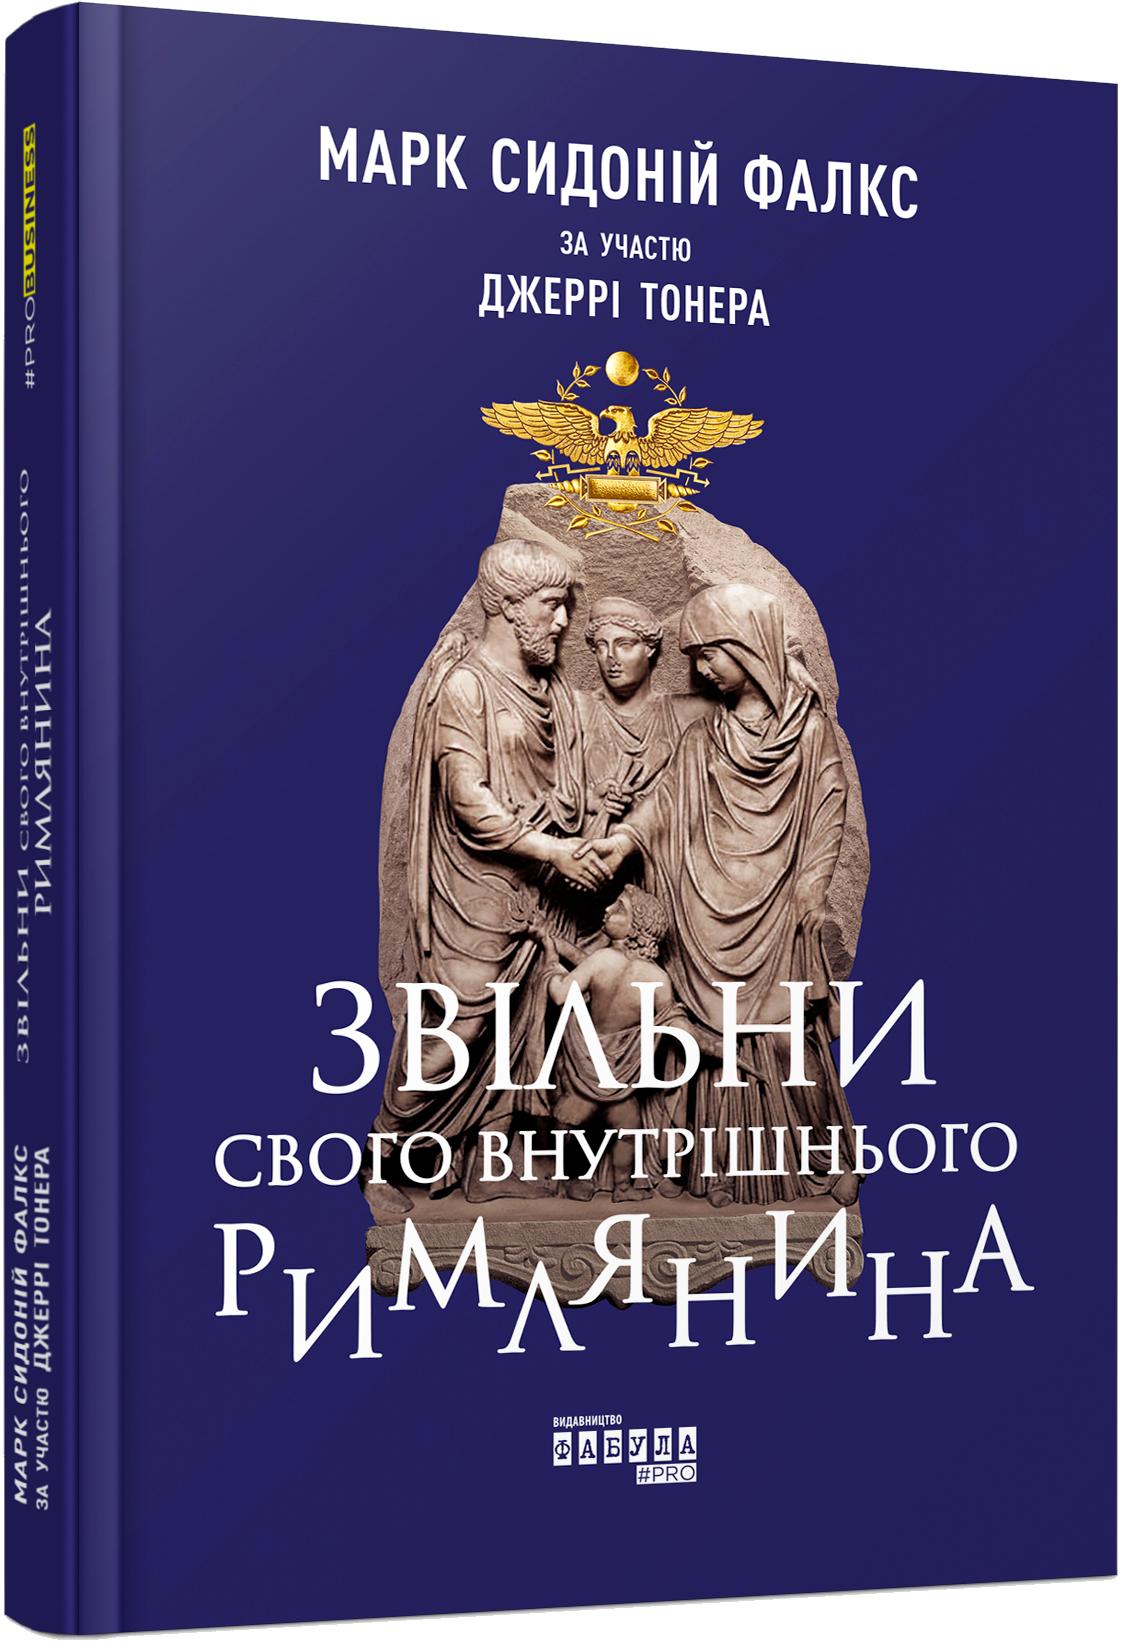 Марк Сидоній Фалкс Звільни свого внутрішнього римлянина